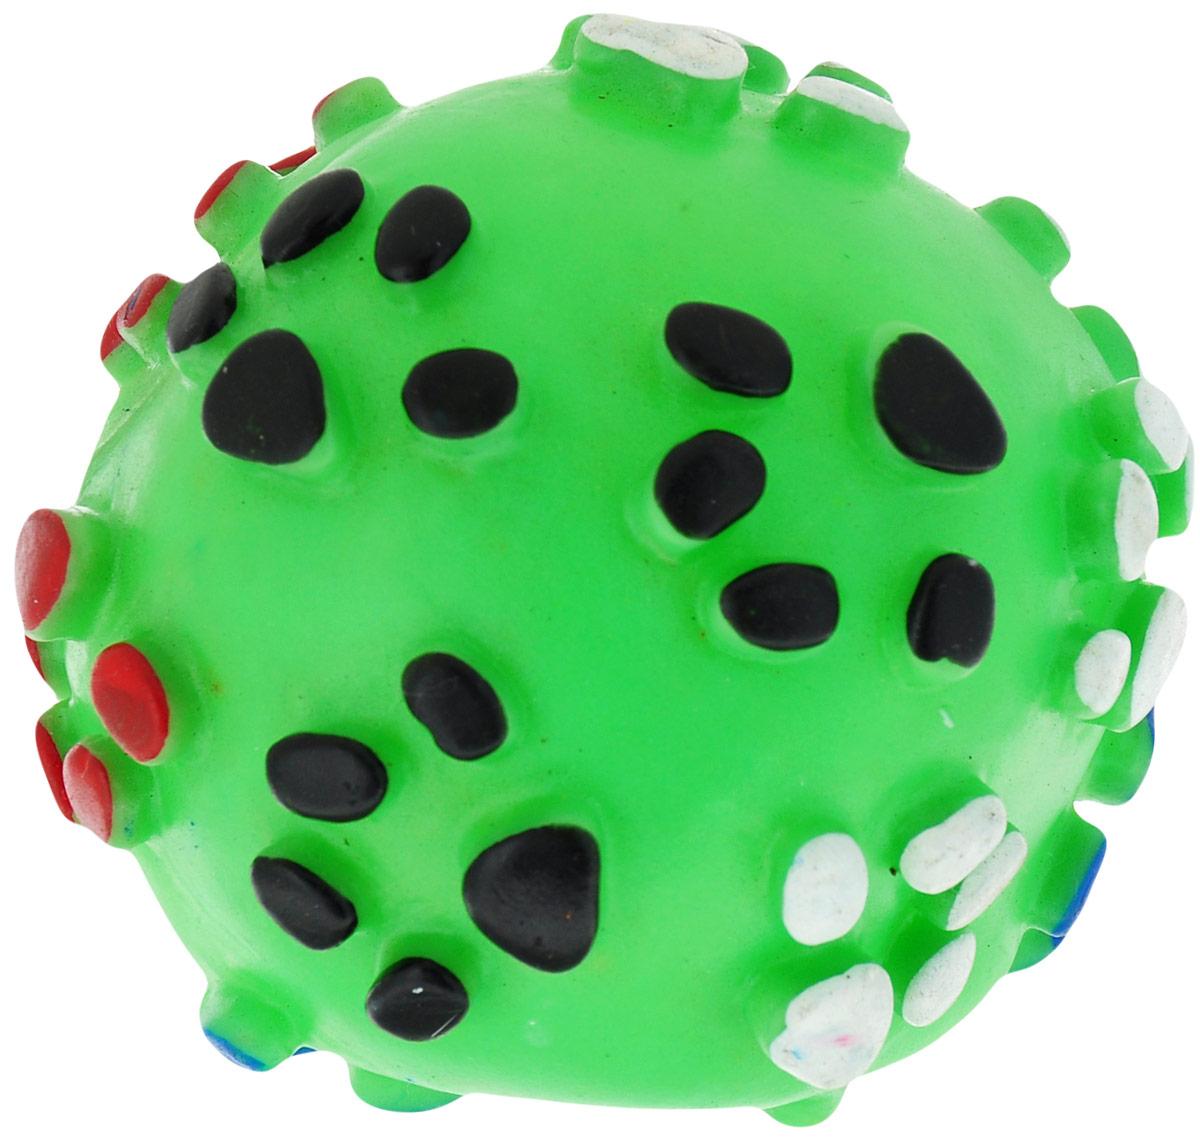 Игрушка для собак Уют Мяч лапки, цвет: зеленый, 8,5 см уют